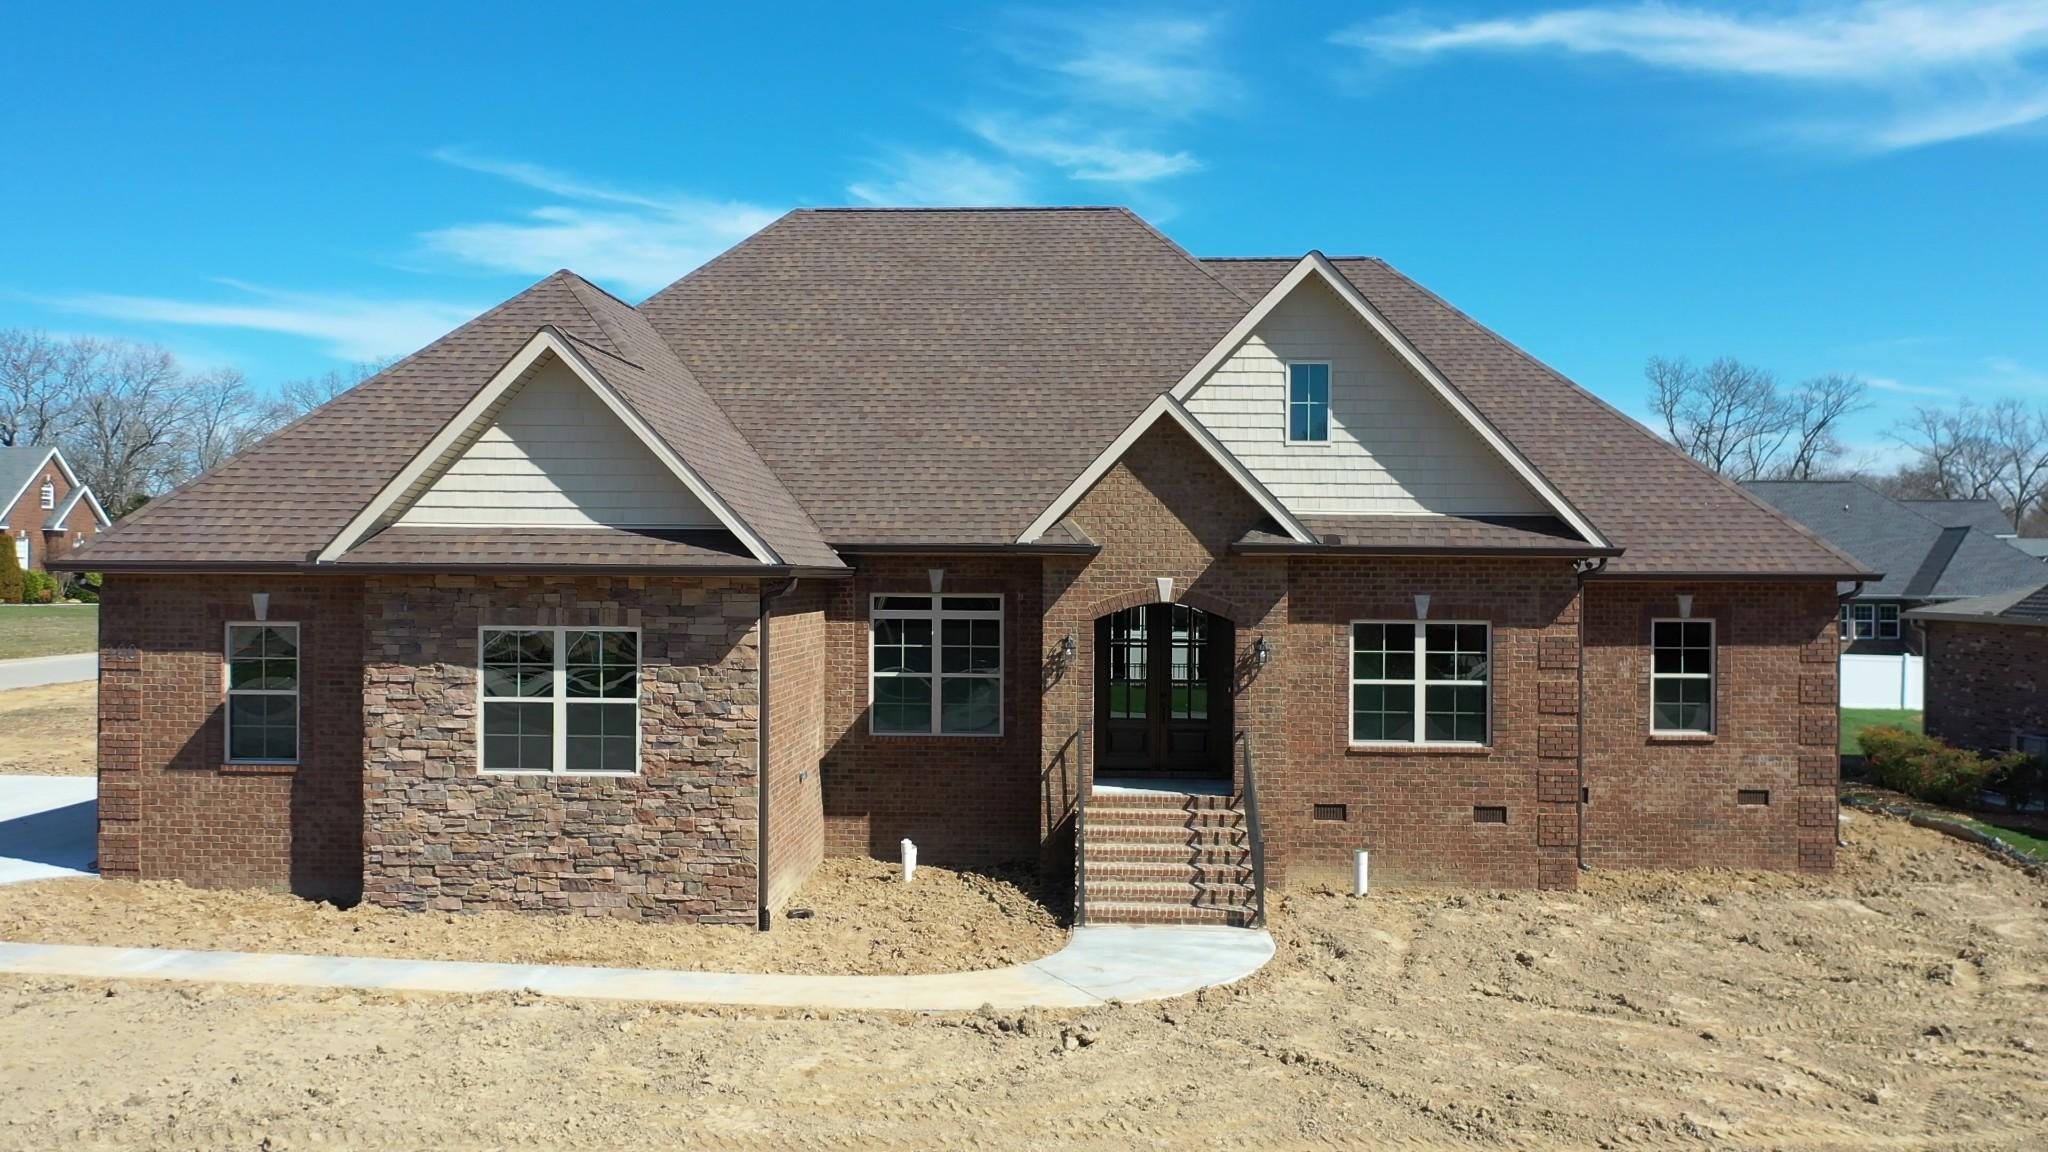 300 Settlers Trce, Tullahoma, TN 37388 - Tullahoma, TN real estate listing